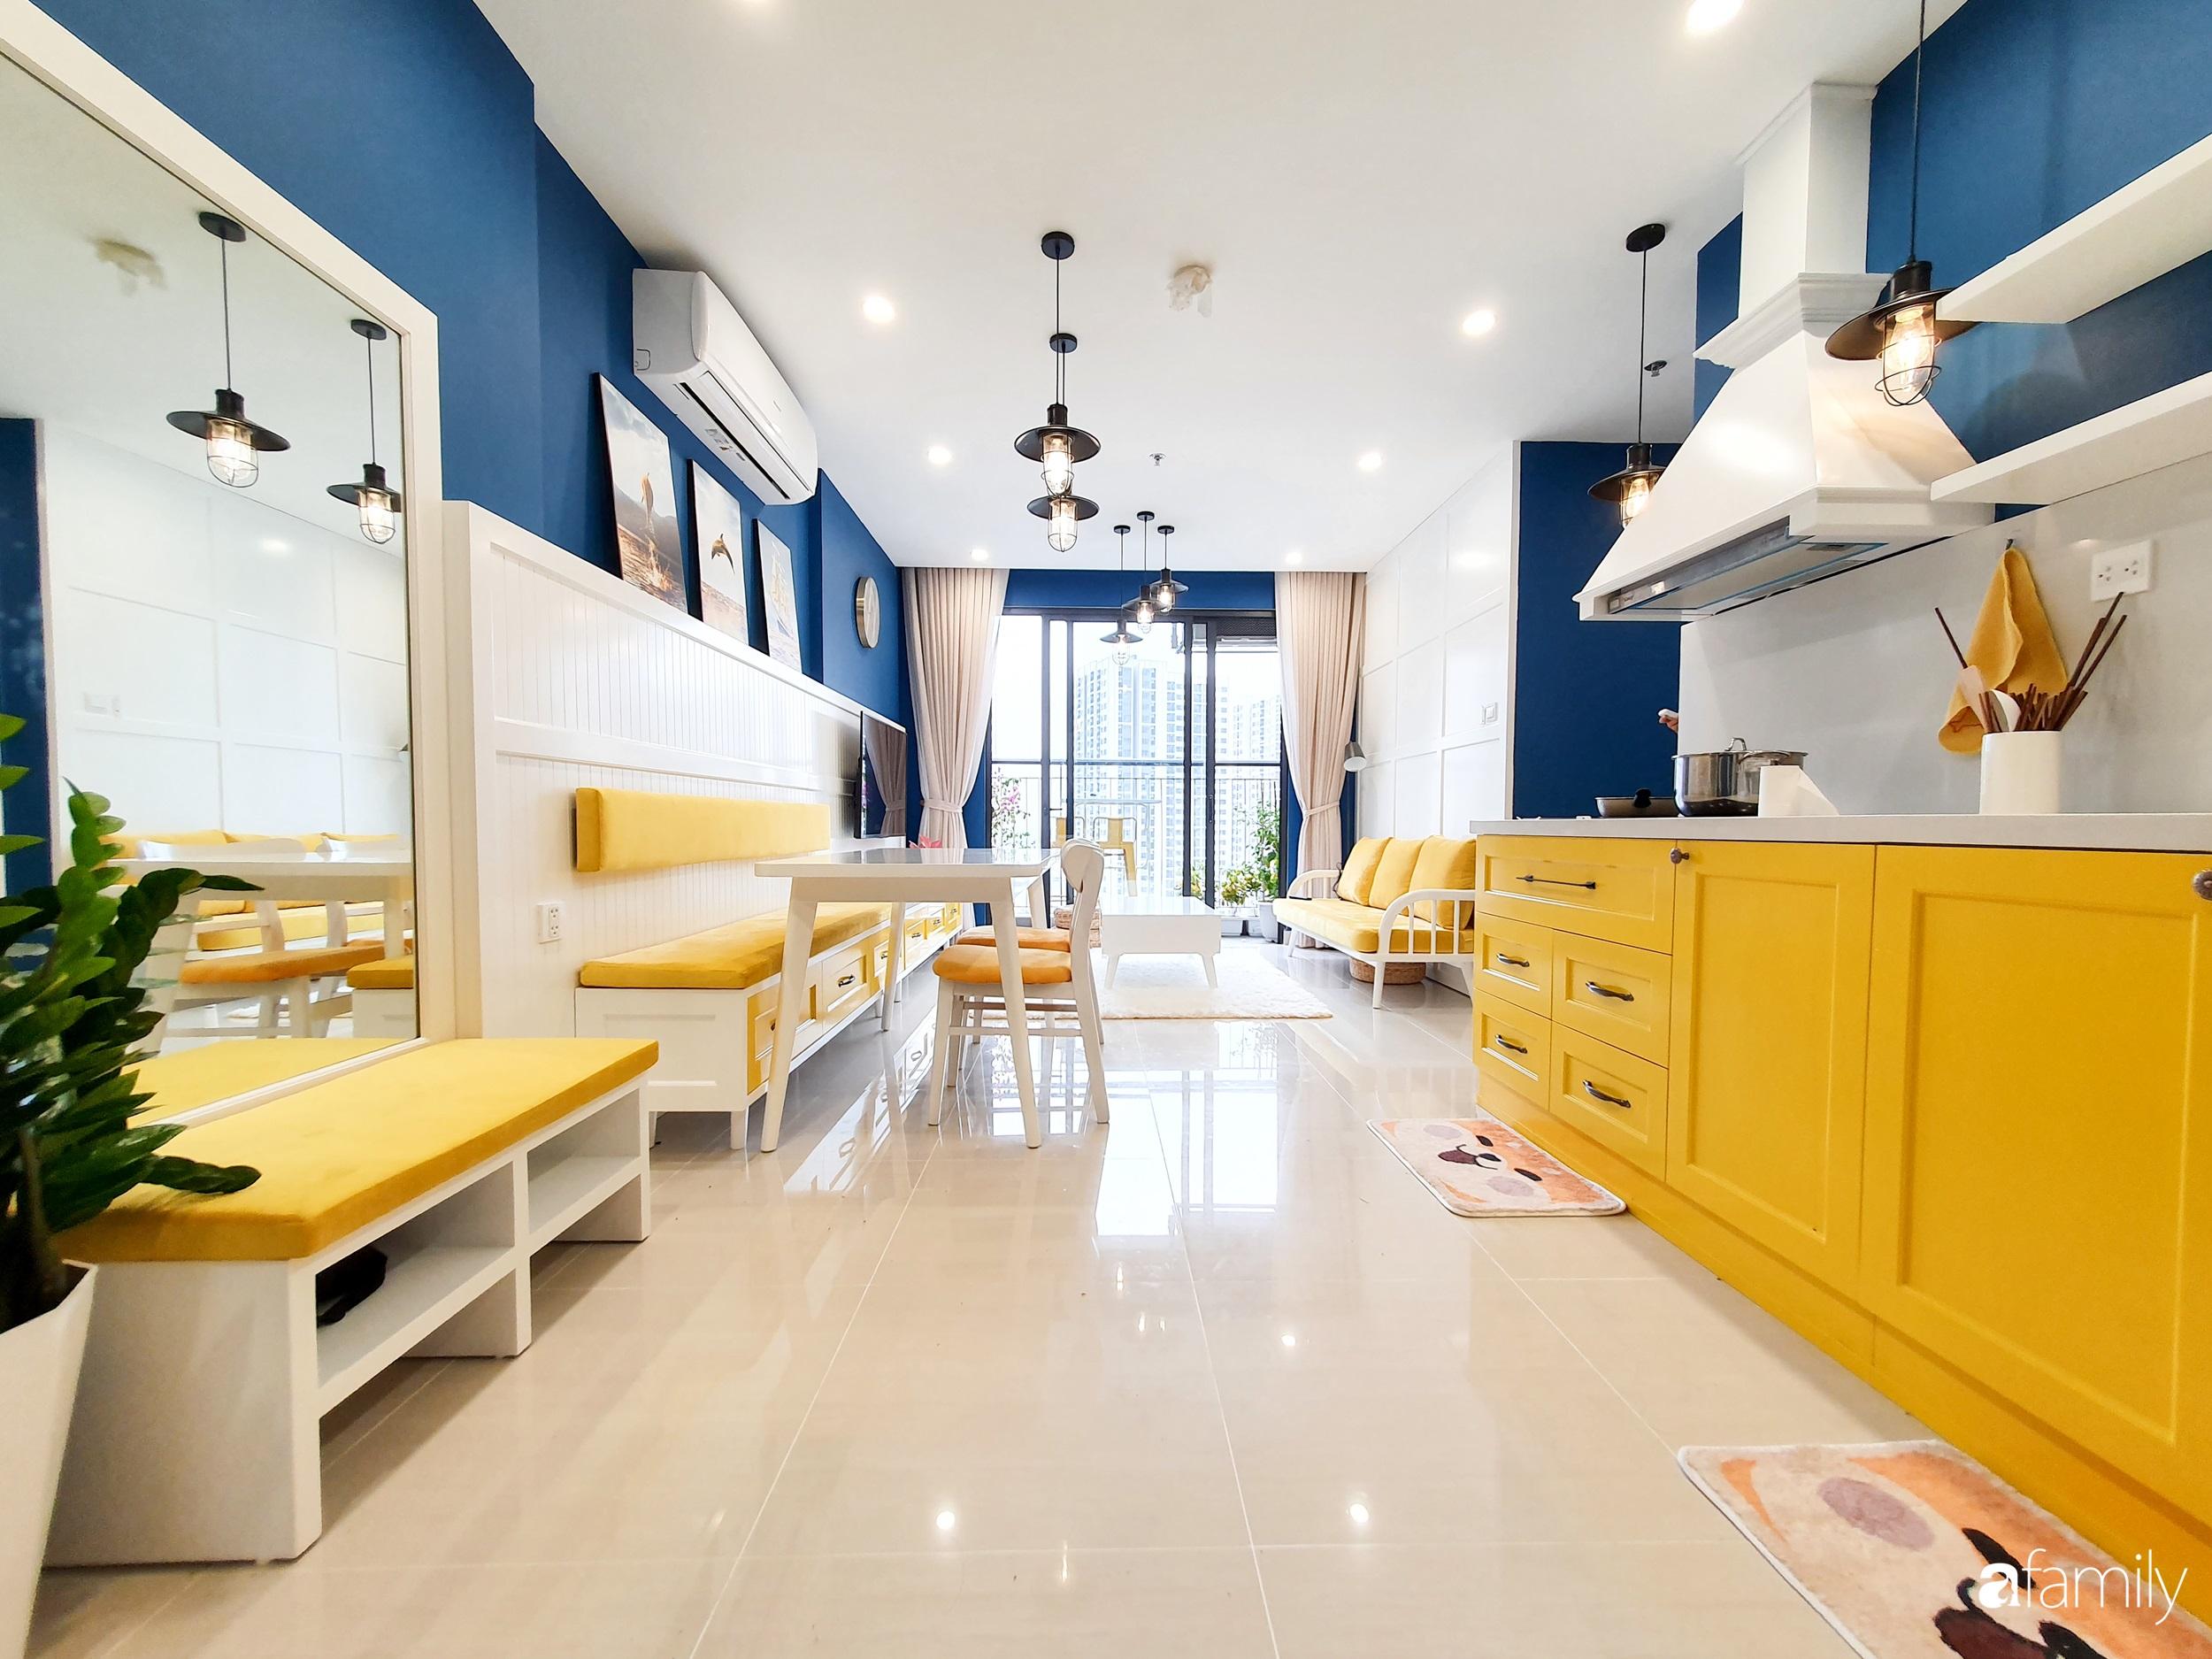 Căn hộ 75m² cá tính với cách phối màu vàng - xanh tinh tế có chi phí hoàn thiện 270 triệu đồng ở Hà Nội - Ảnh 7.